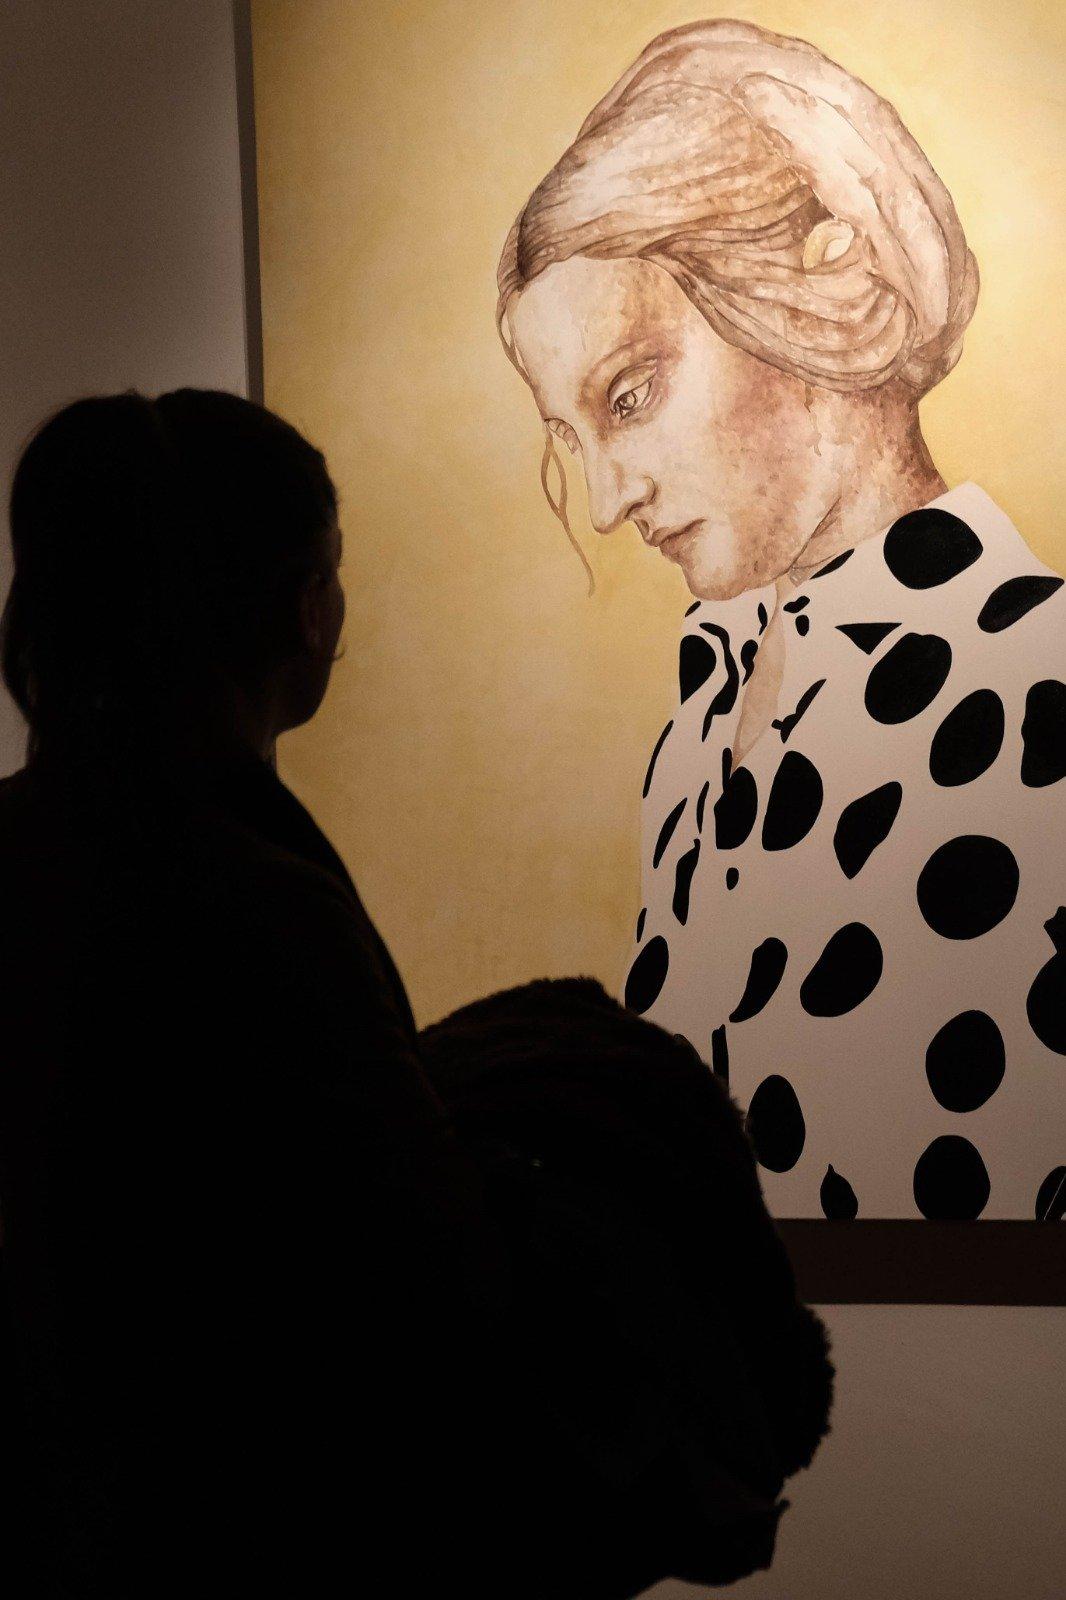 Bir ziyaretçi 29 Haziran 2020, Türkiye'nin batısındaki İzmir sergisinde bir çalışmayı inceliyor. (AA FOTO)